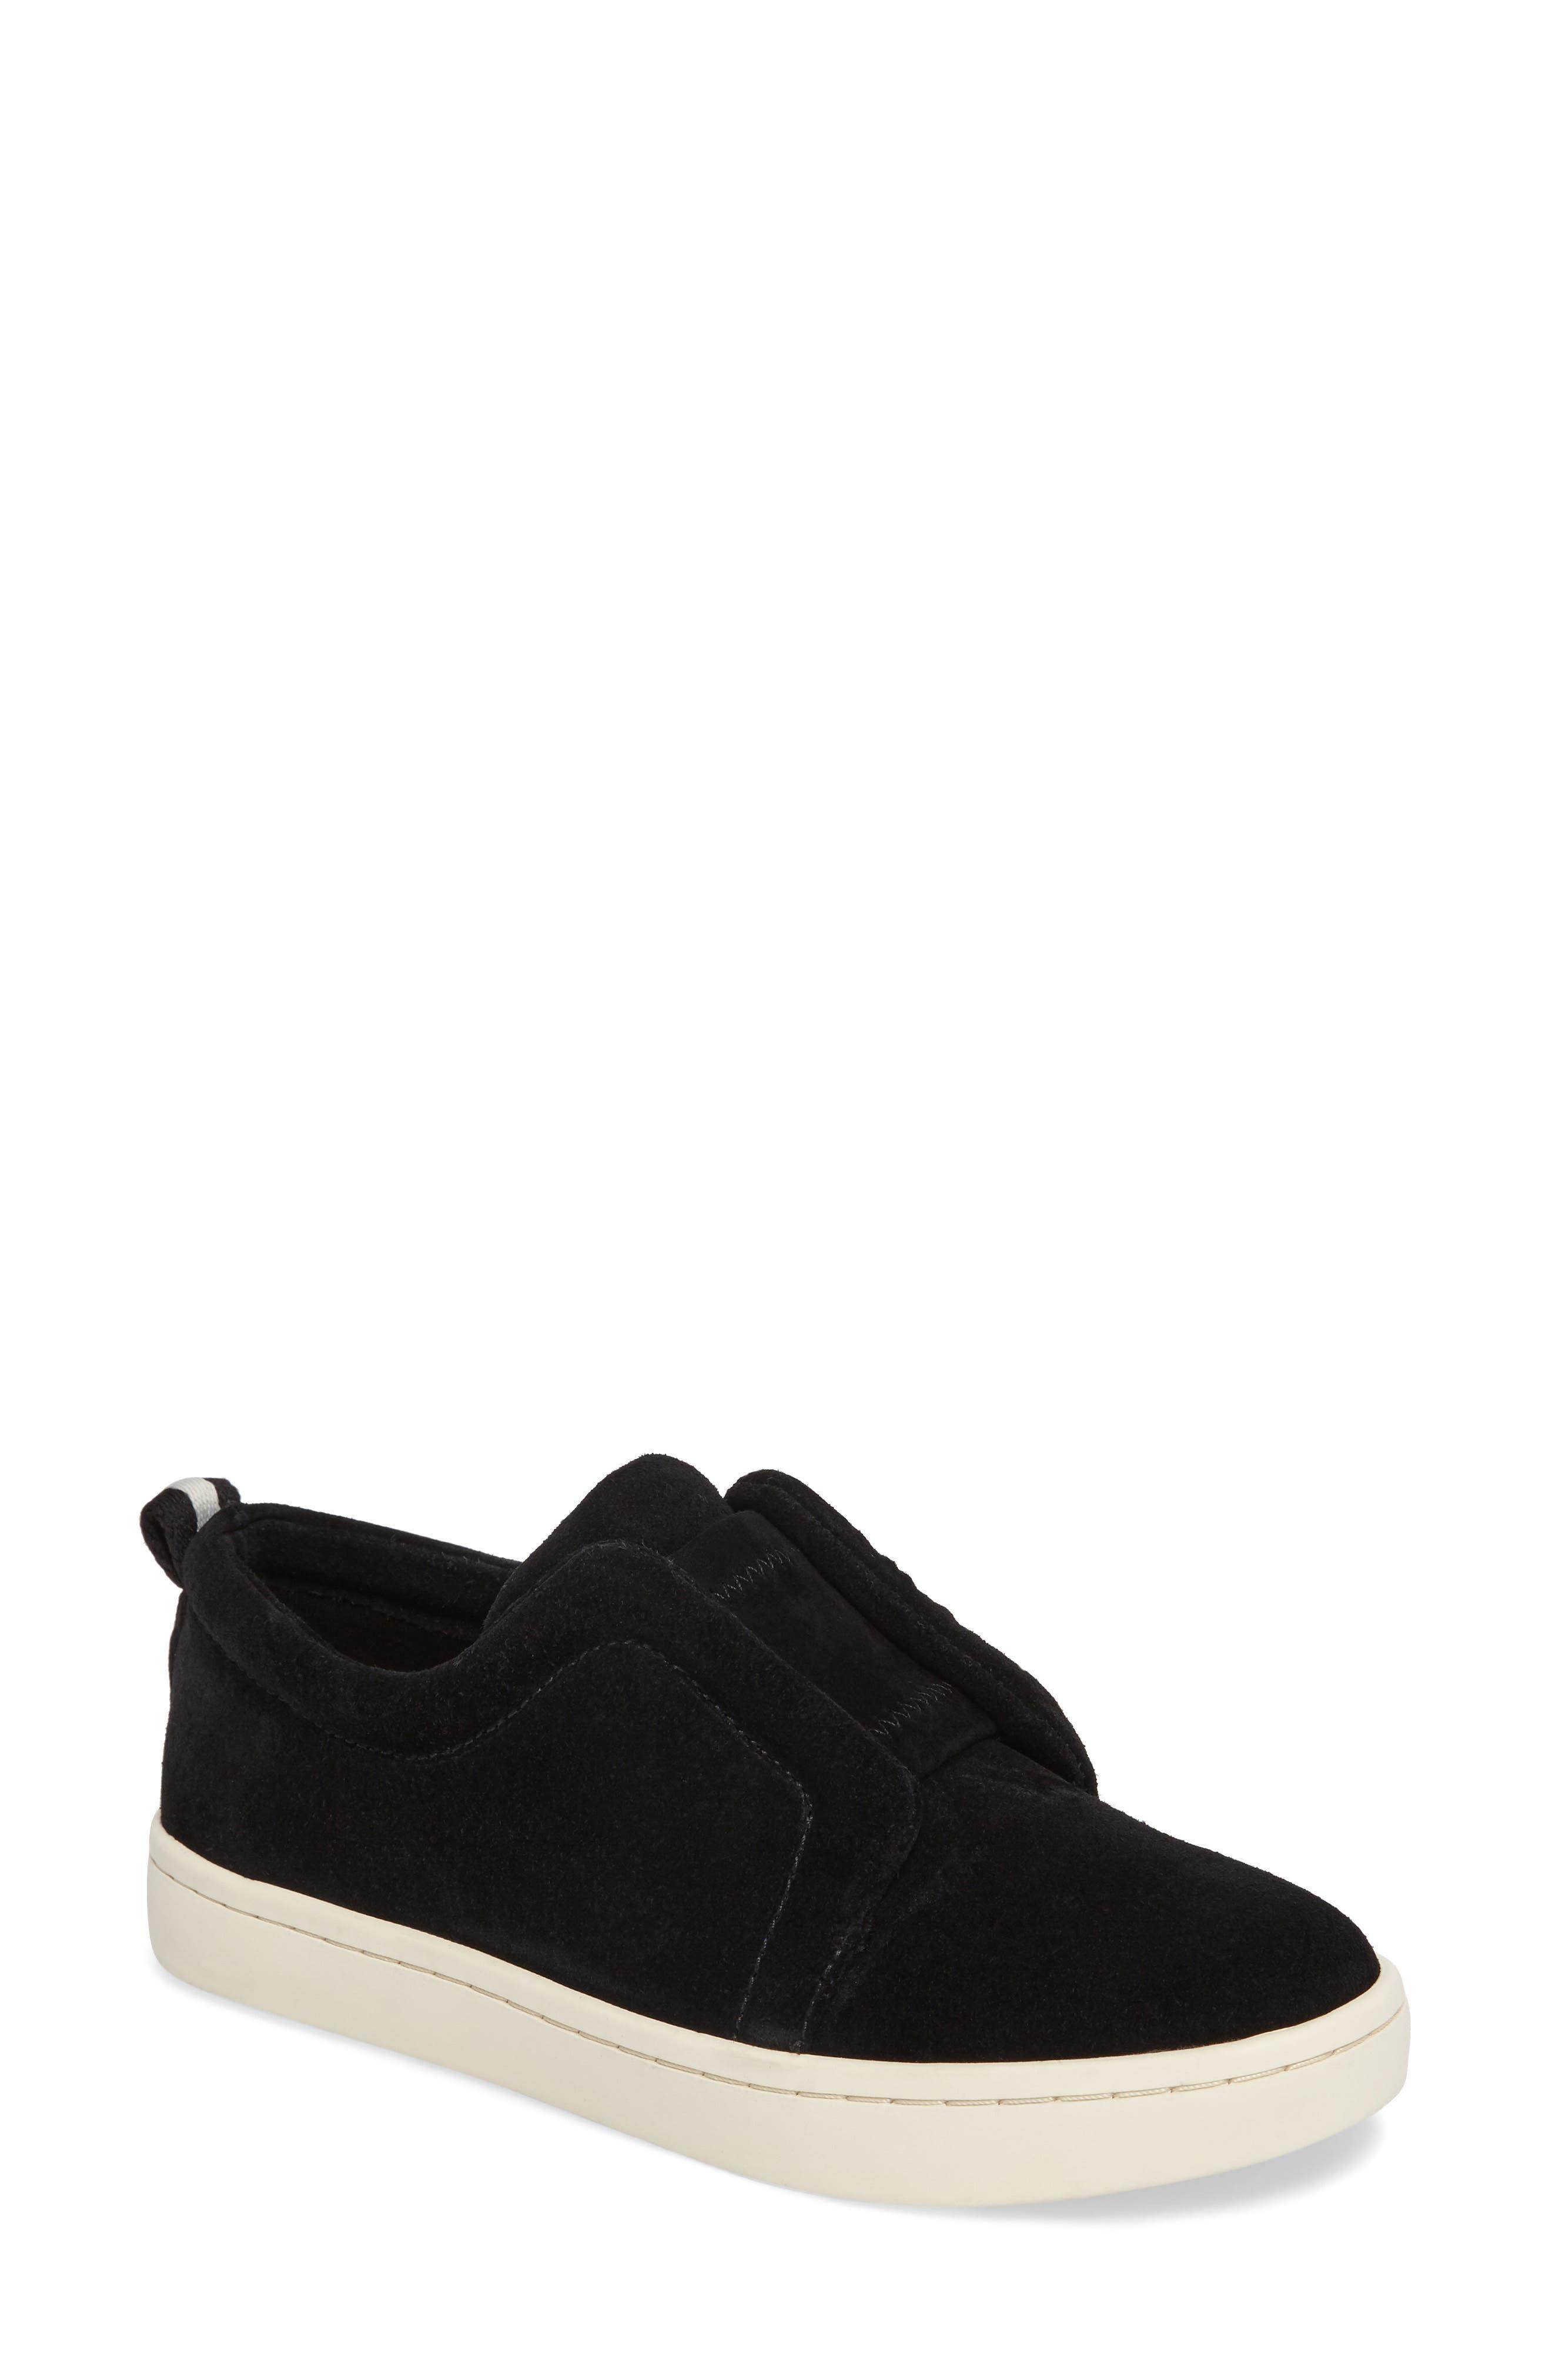 Dagny Slip-On Sneaker,                             Main thumbnail 1, color,                             013